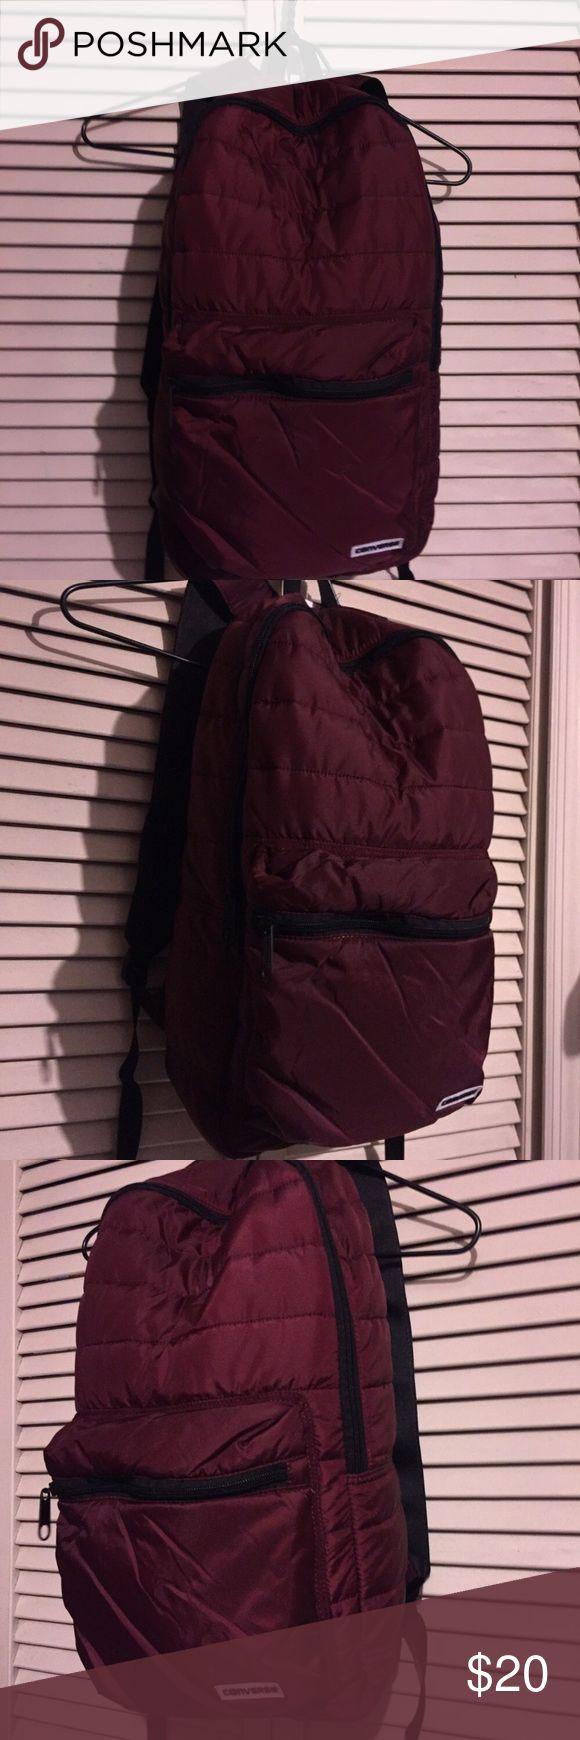 🔥CONVERSE BURGUNDY BACKPACK Cushion burgundy backpack Converse Bags Backpacks